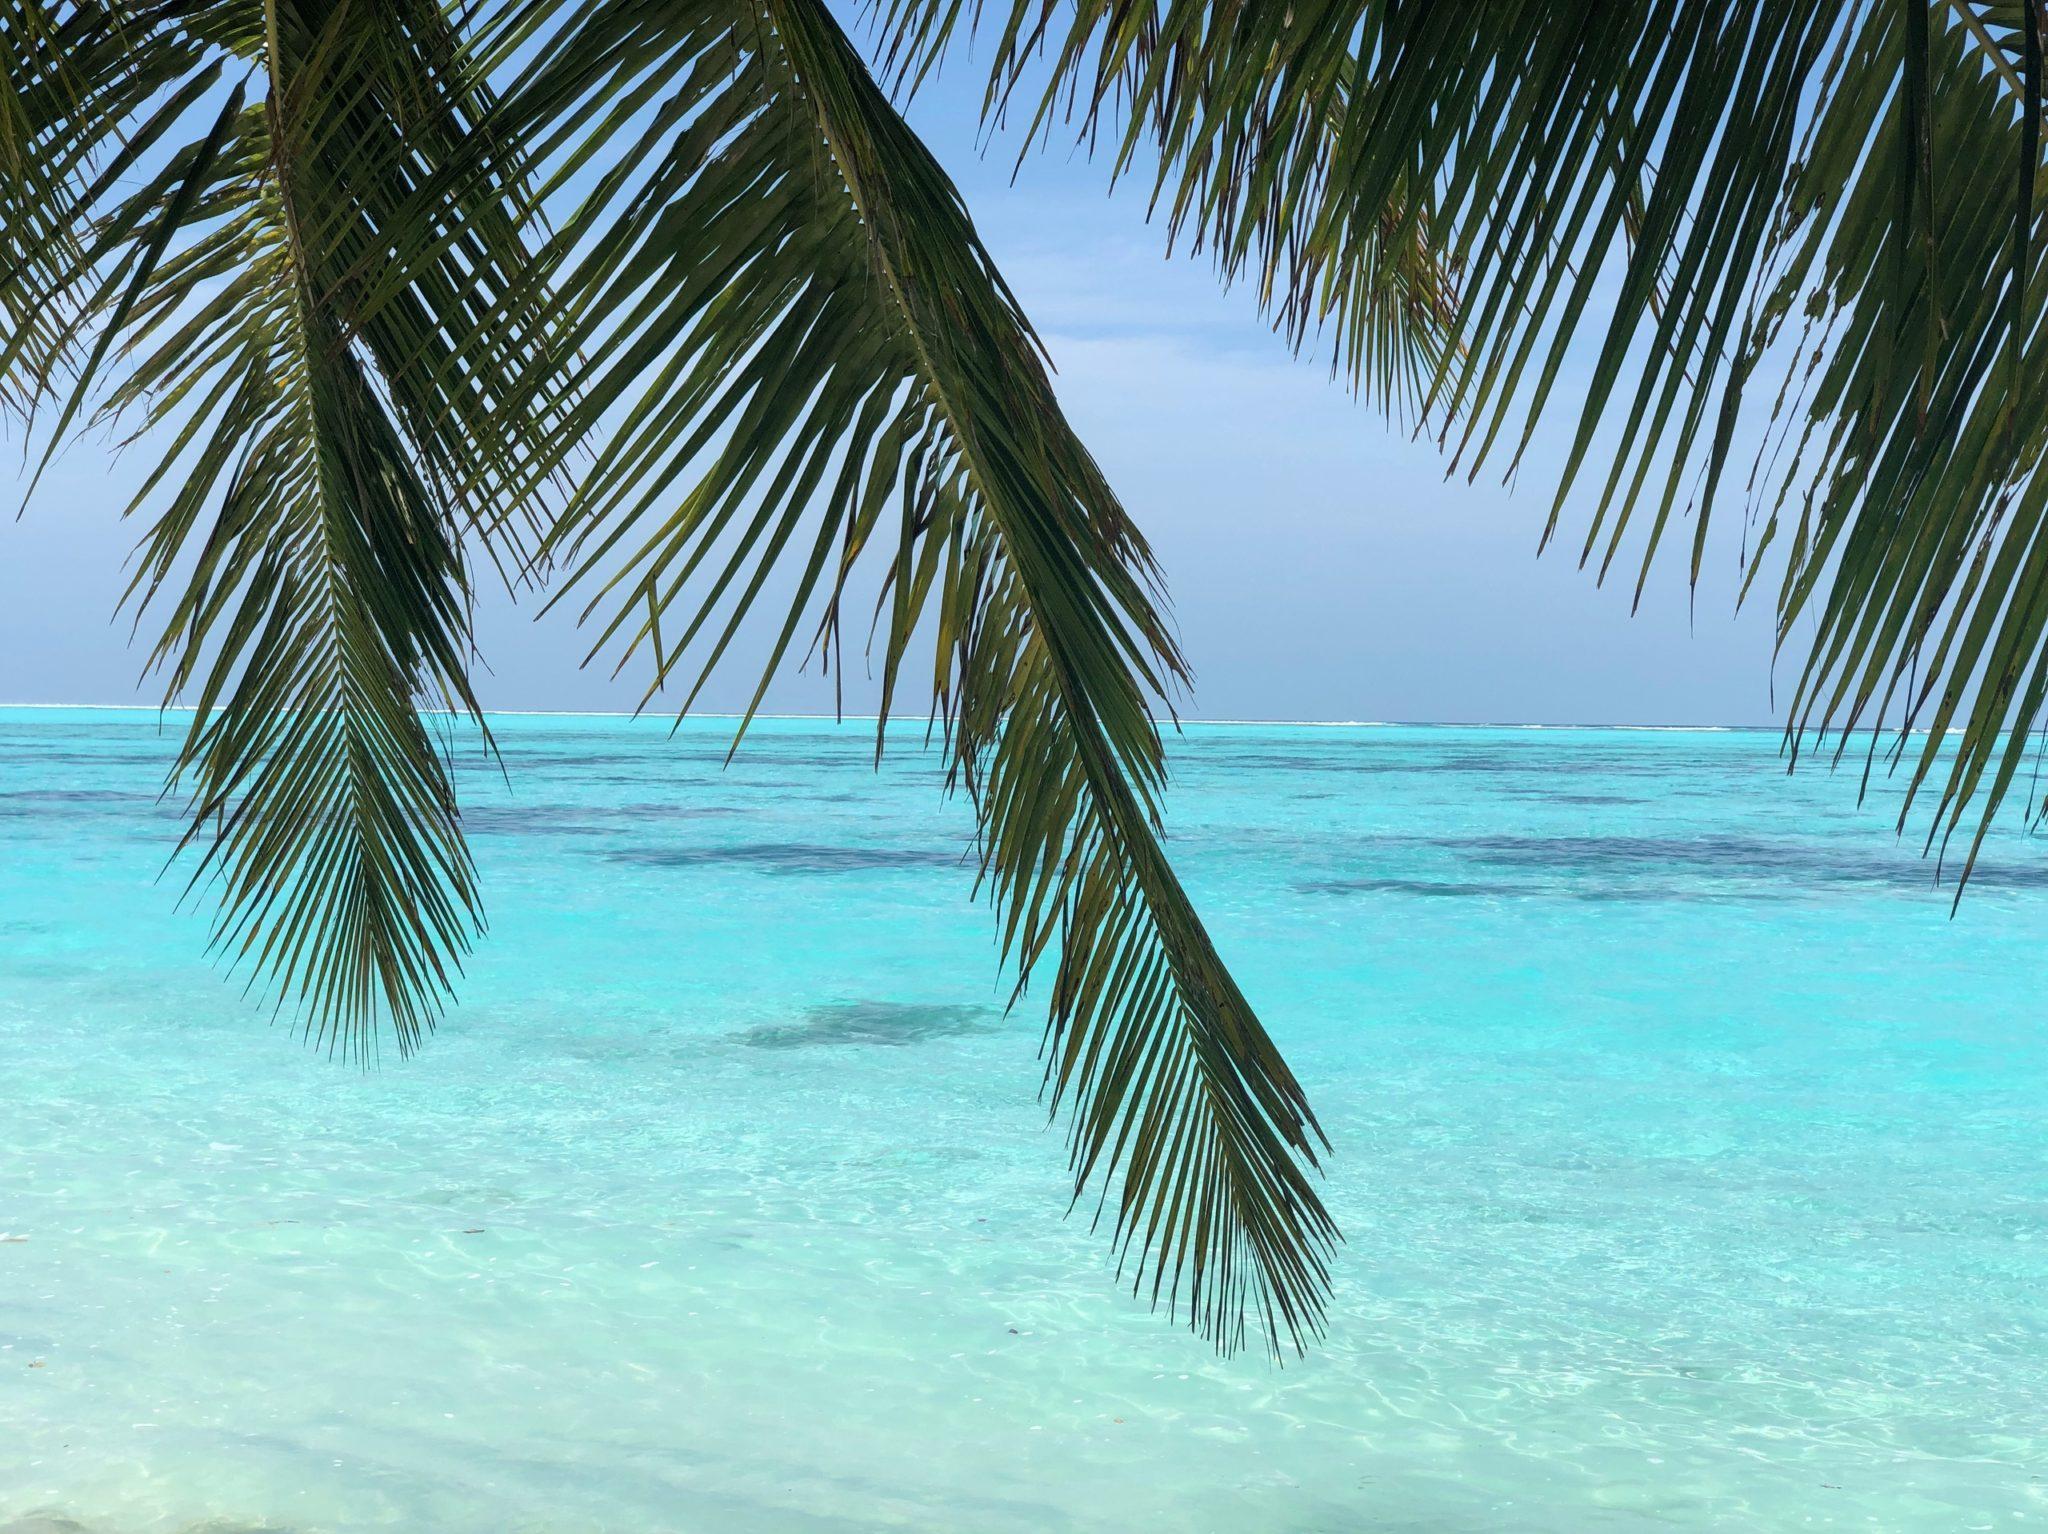 лучший отель на Мальдивах, Sun island resort and spa